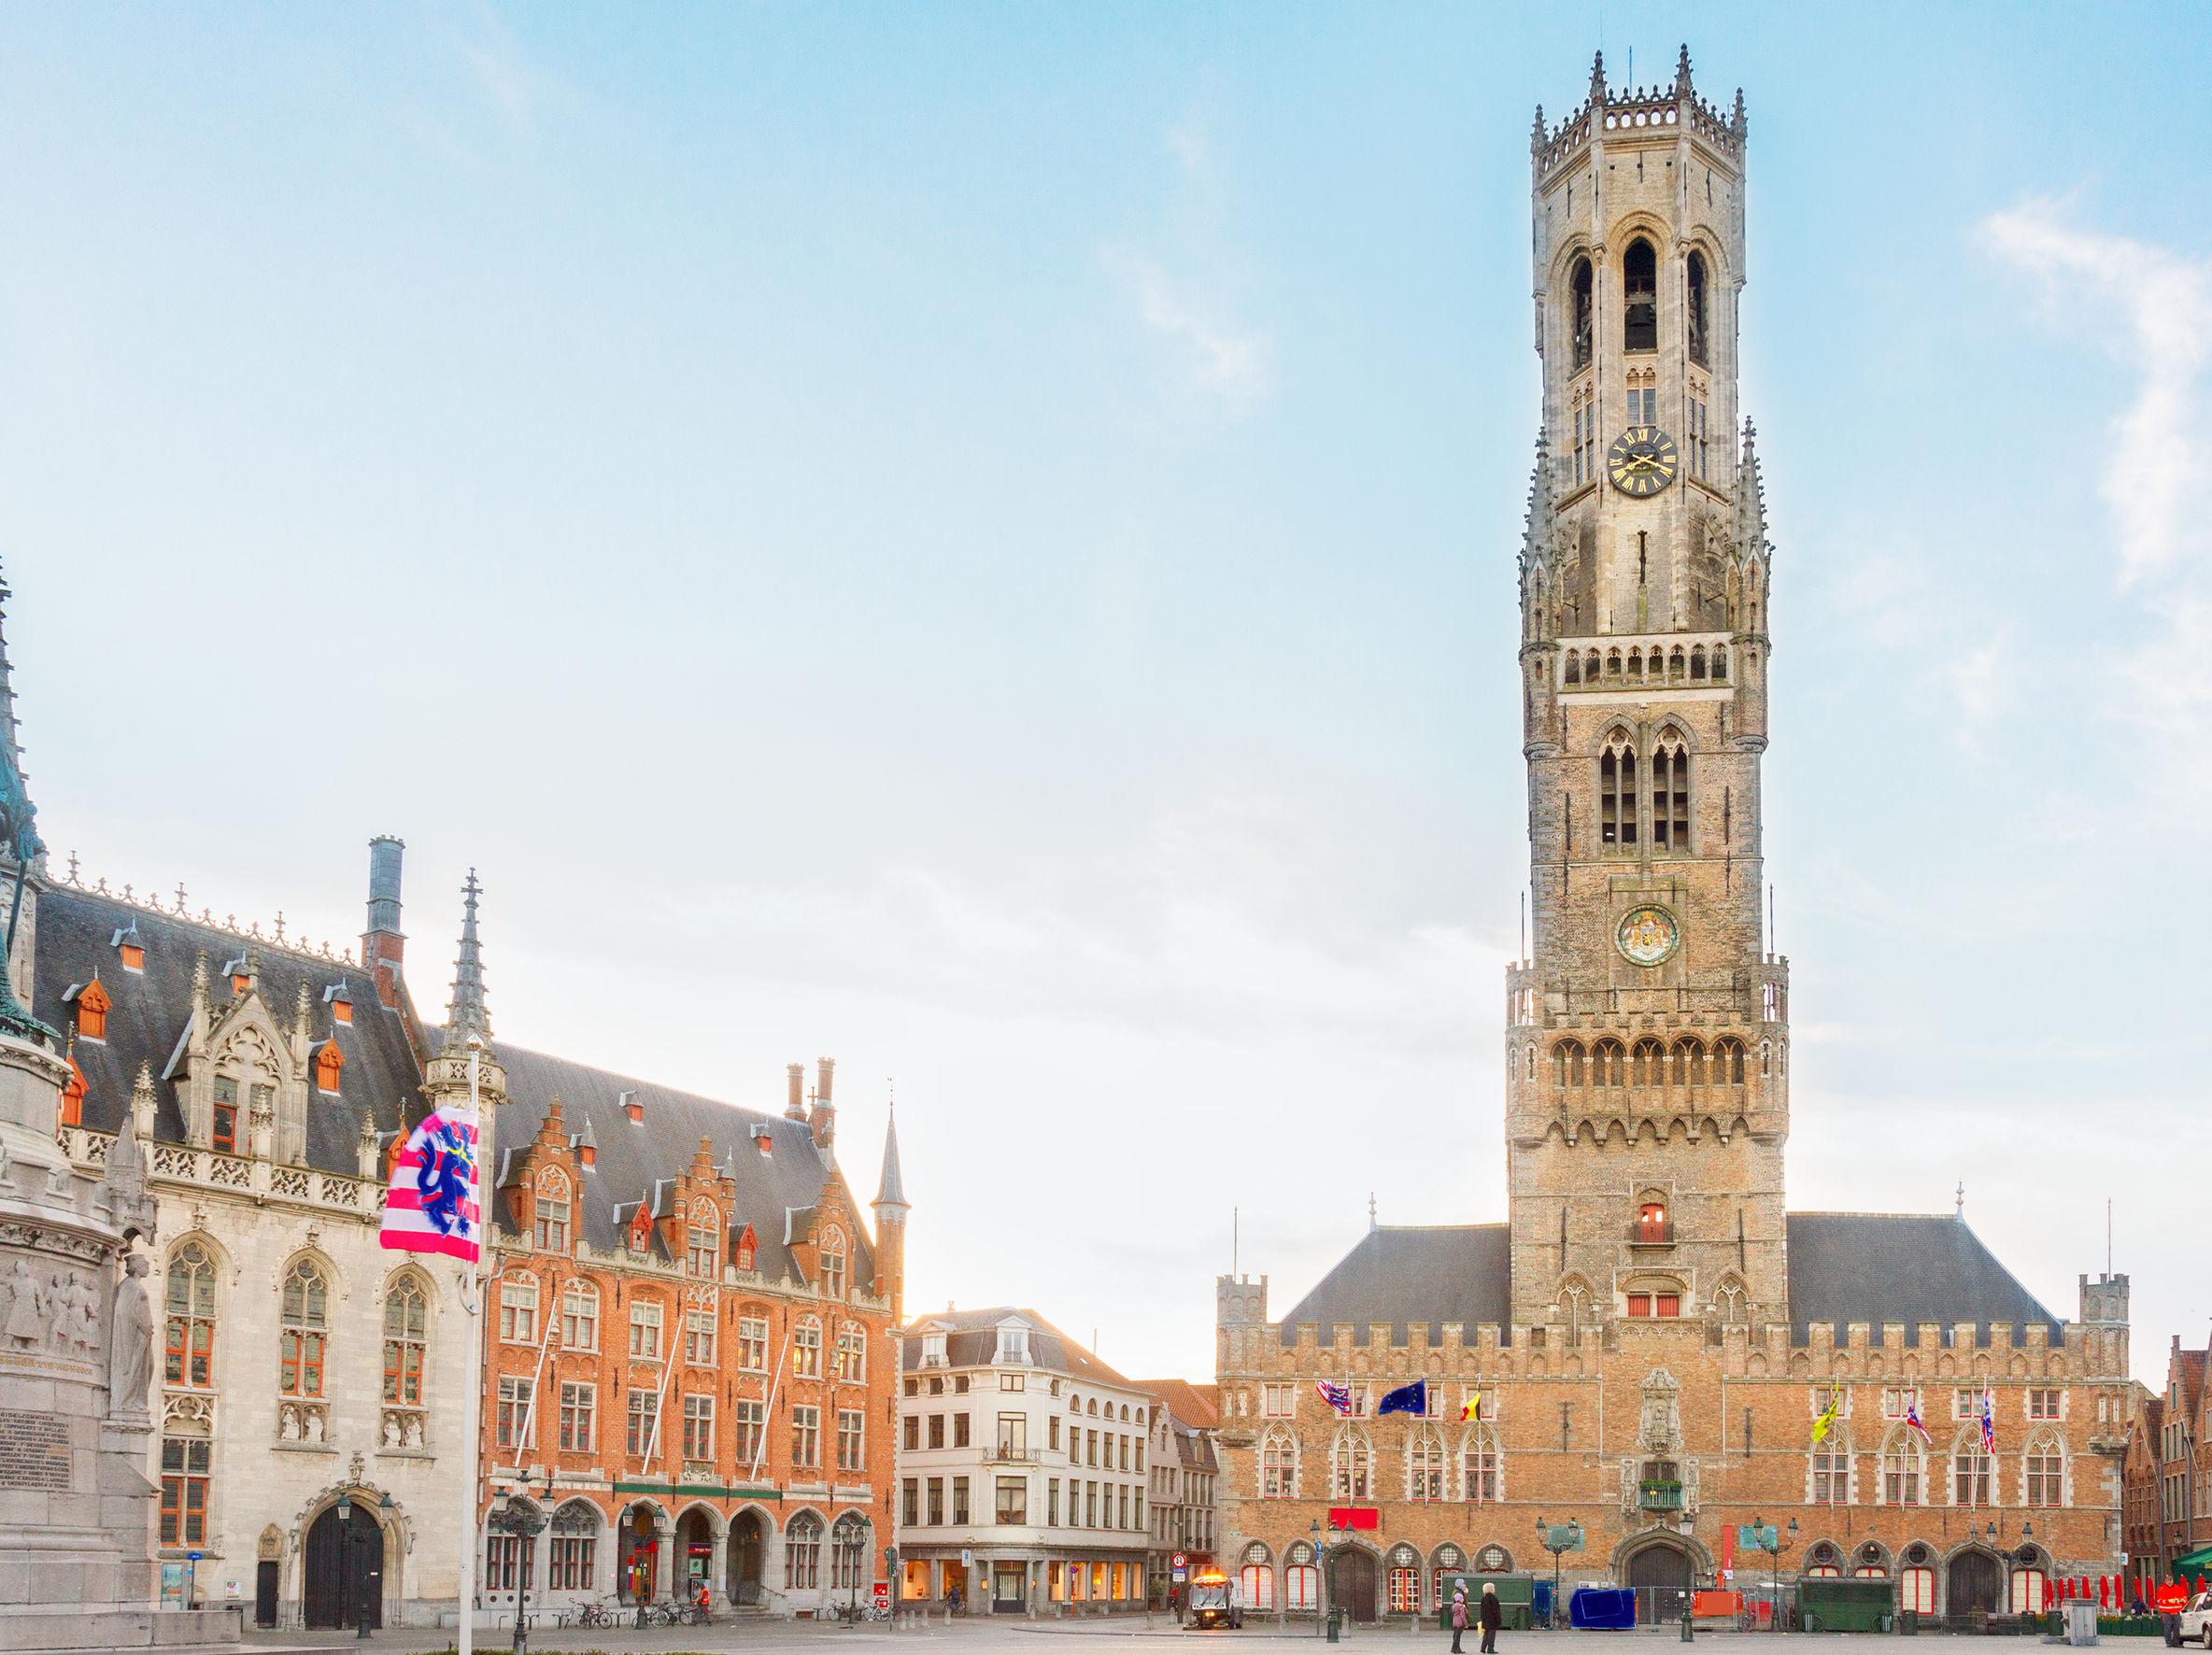 المركز التاريخي بروج بلجيكا